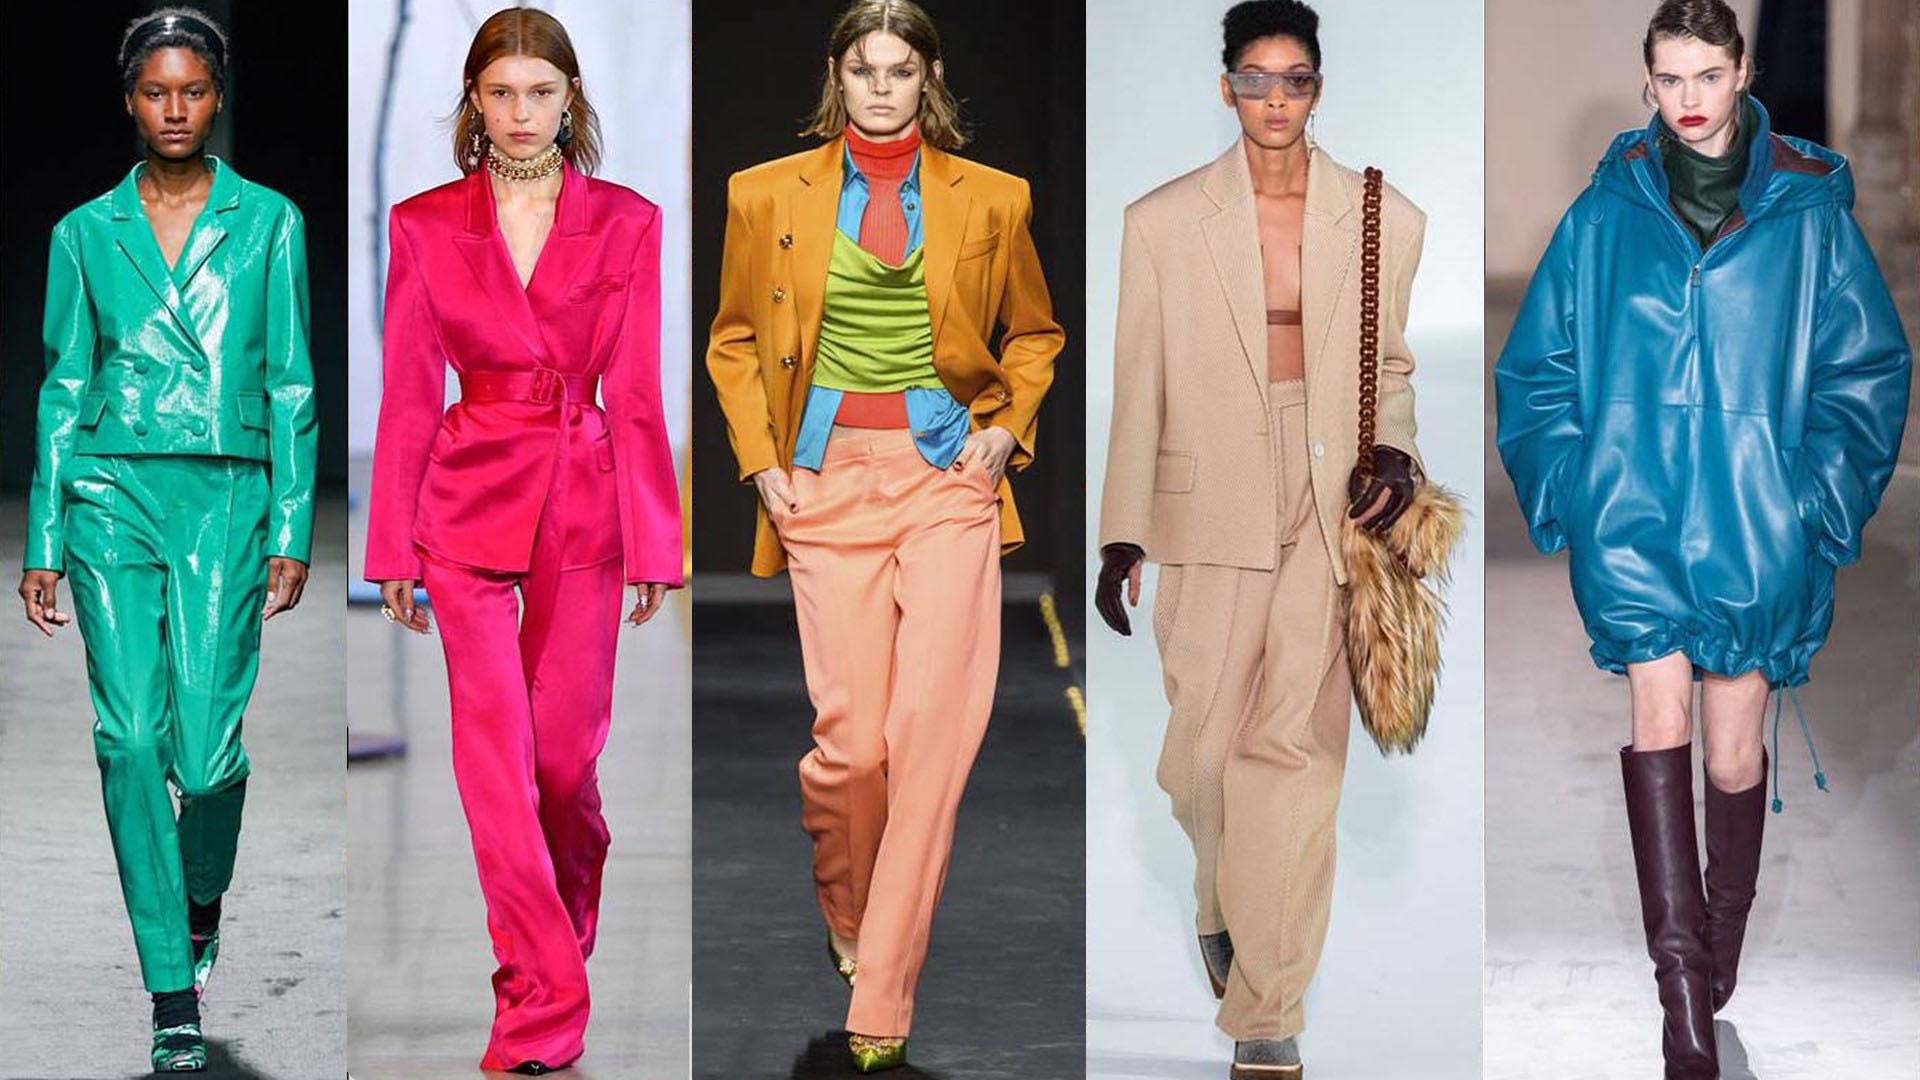 #PARA TI - COLOR - APERTURA - Moda - GENTILEZA INTI